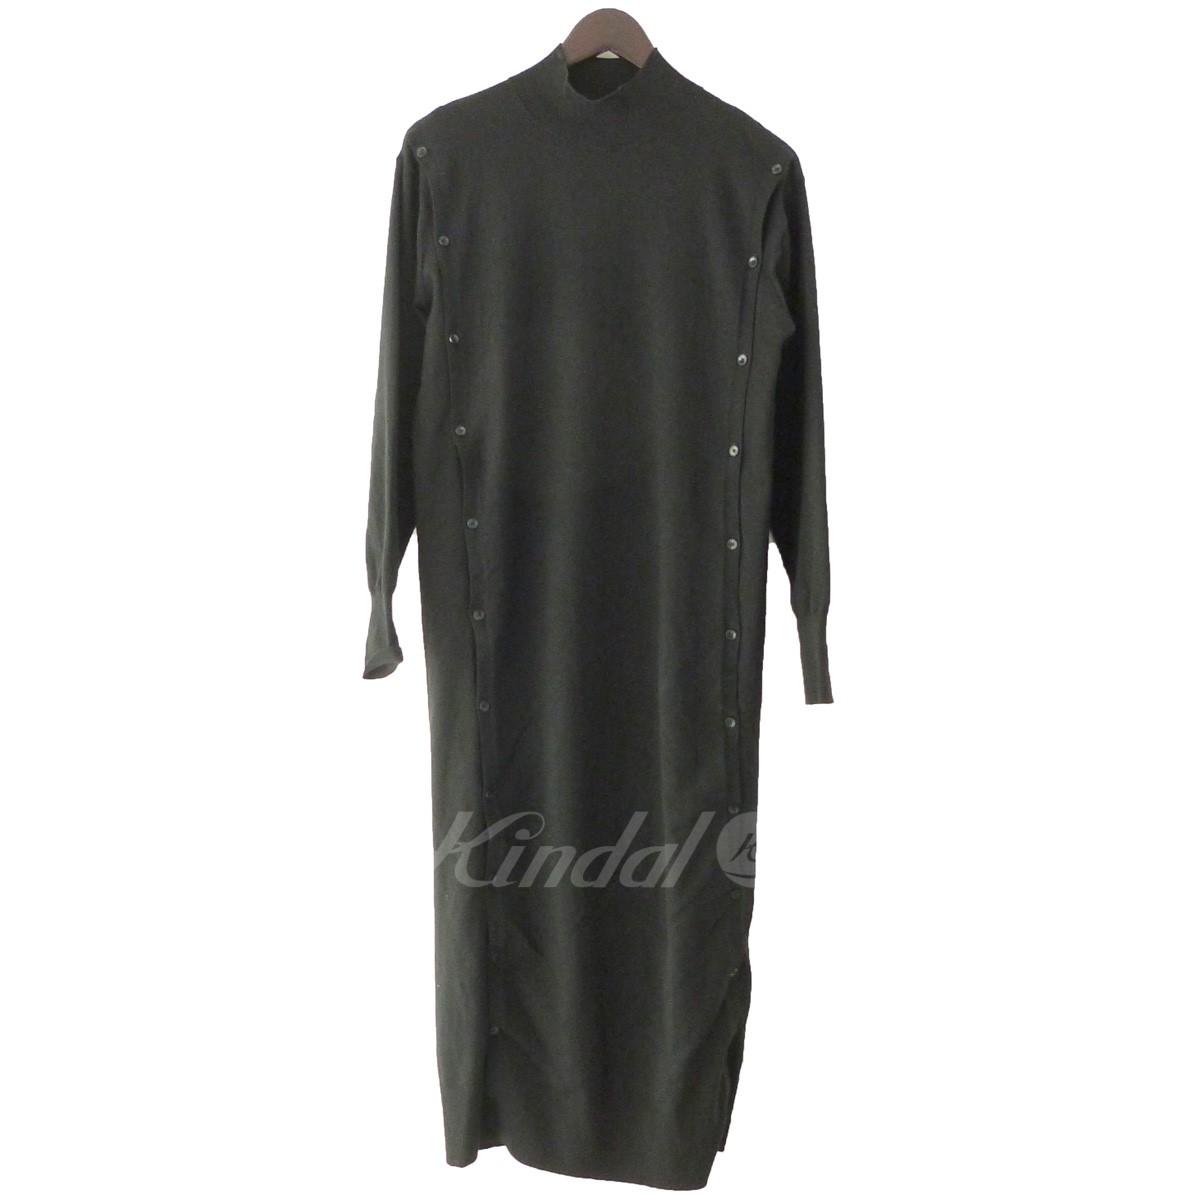 【中古】LE CIEL BLEU 19SS「Button knit Dress」ボタンニットドレス ブラック サイズ:36 【送料無料】 【130319】(ルシェルブルー)